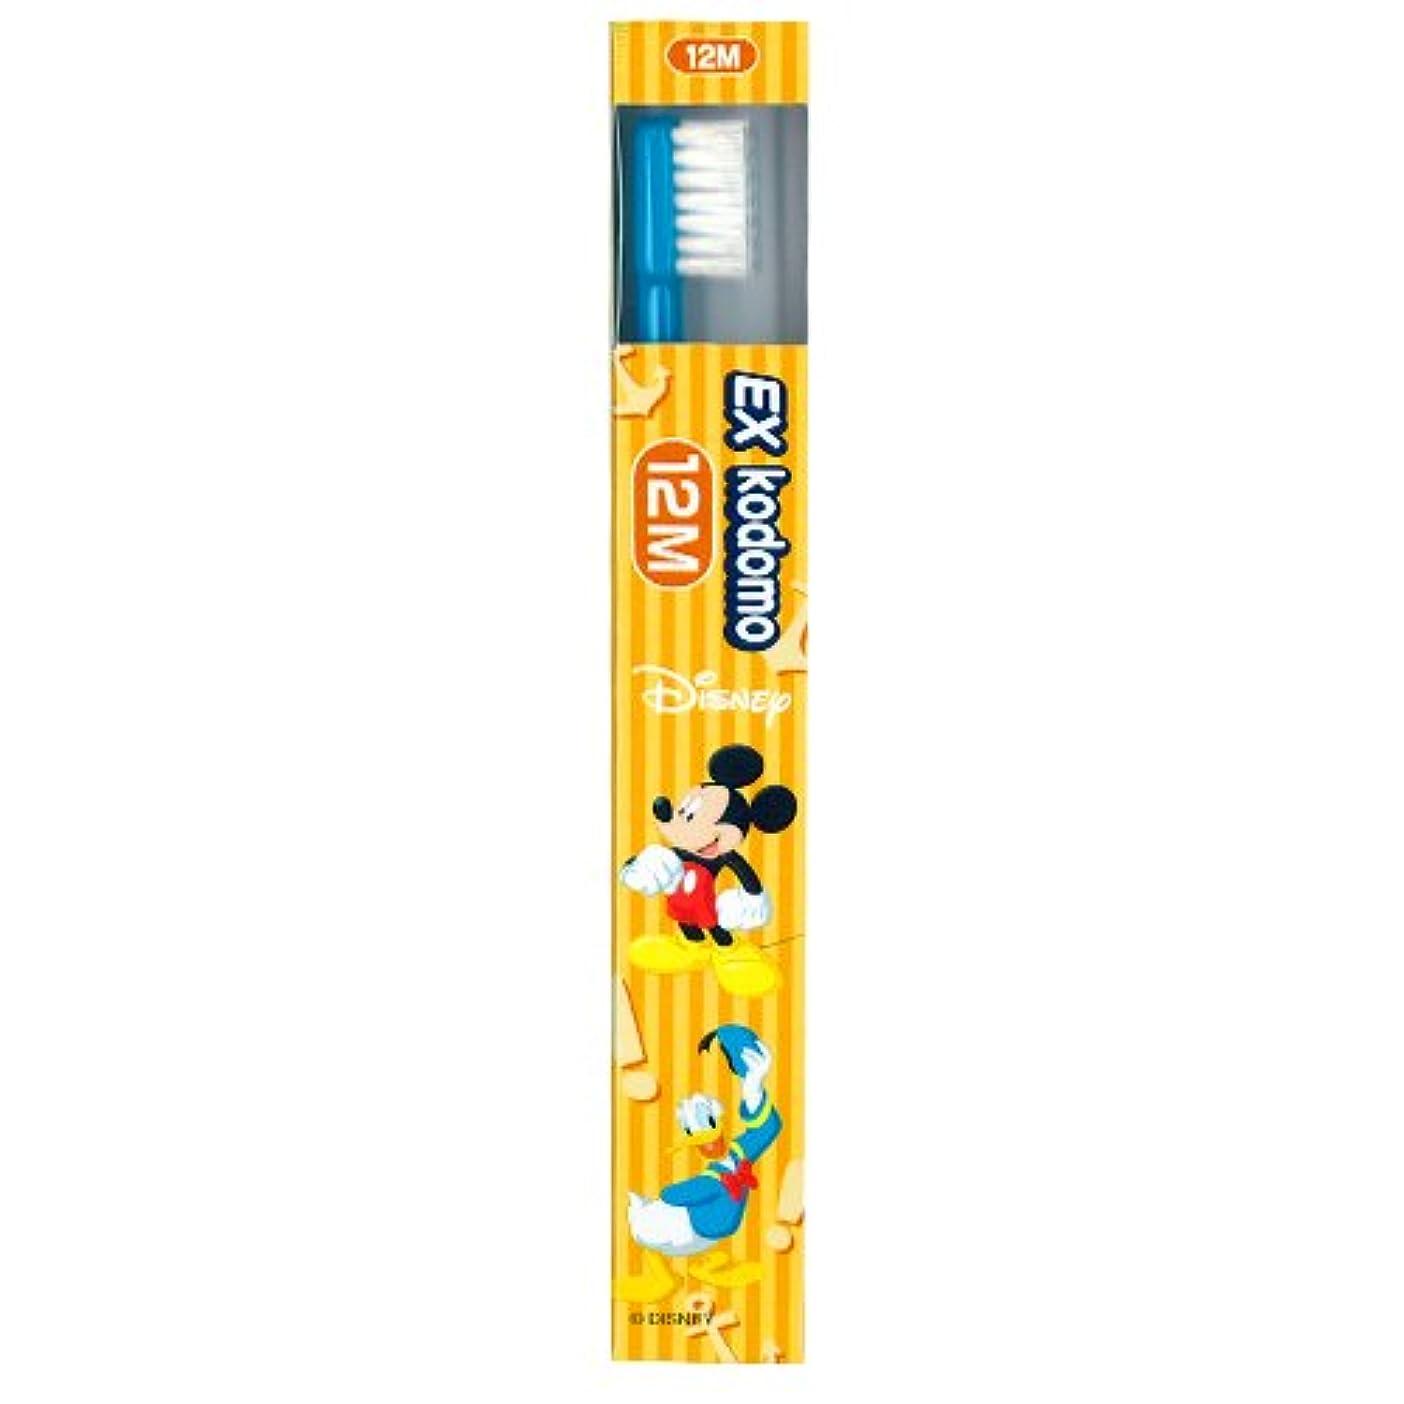 チョップスキップ到着するライオン EX kodomo ディズニー 歯ブラシ 1本 12M ブルー